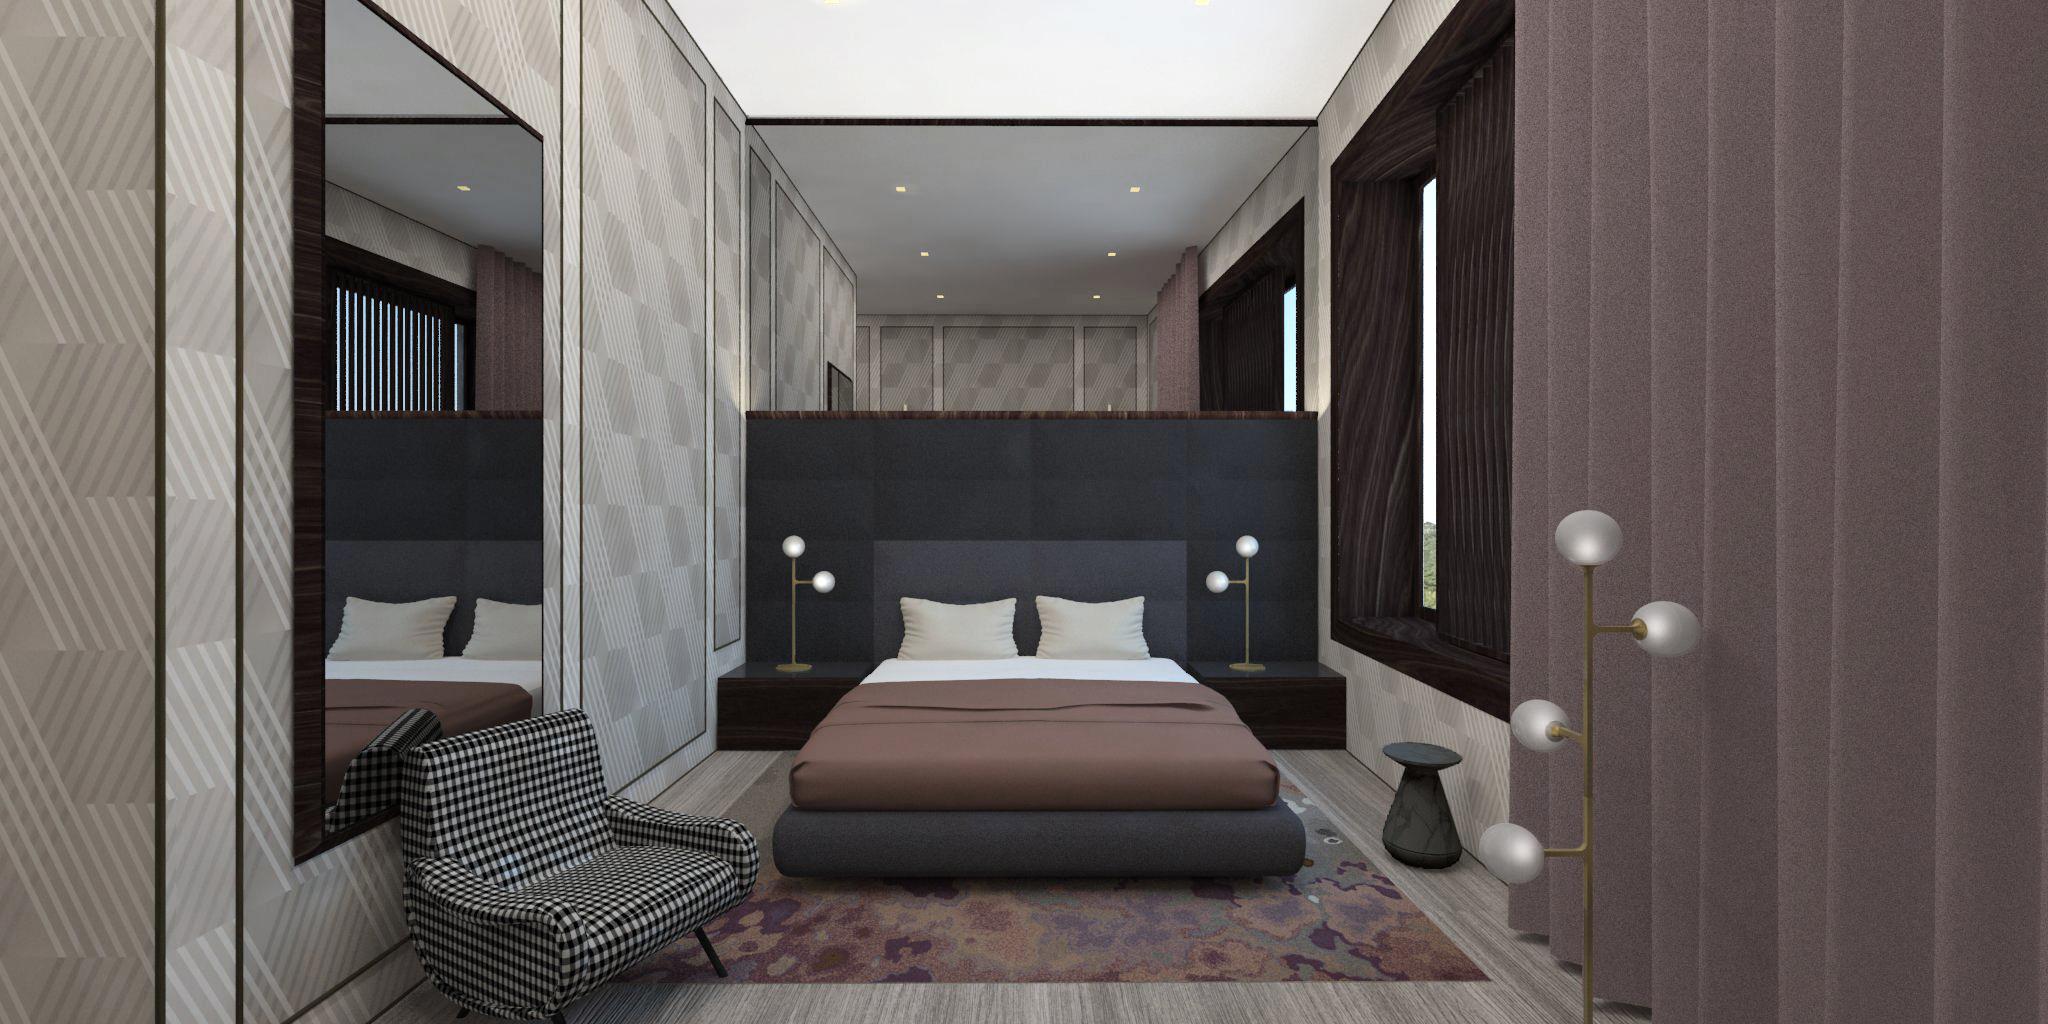 Ghana 20180207 Bedroom 001.jpg